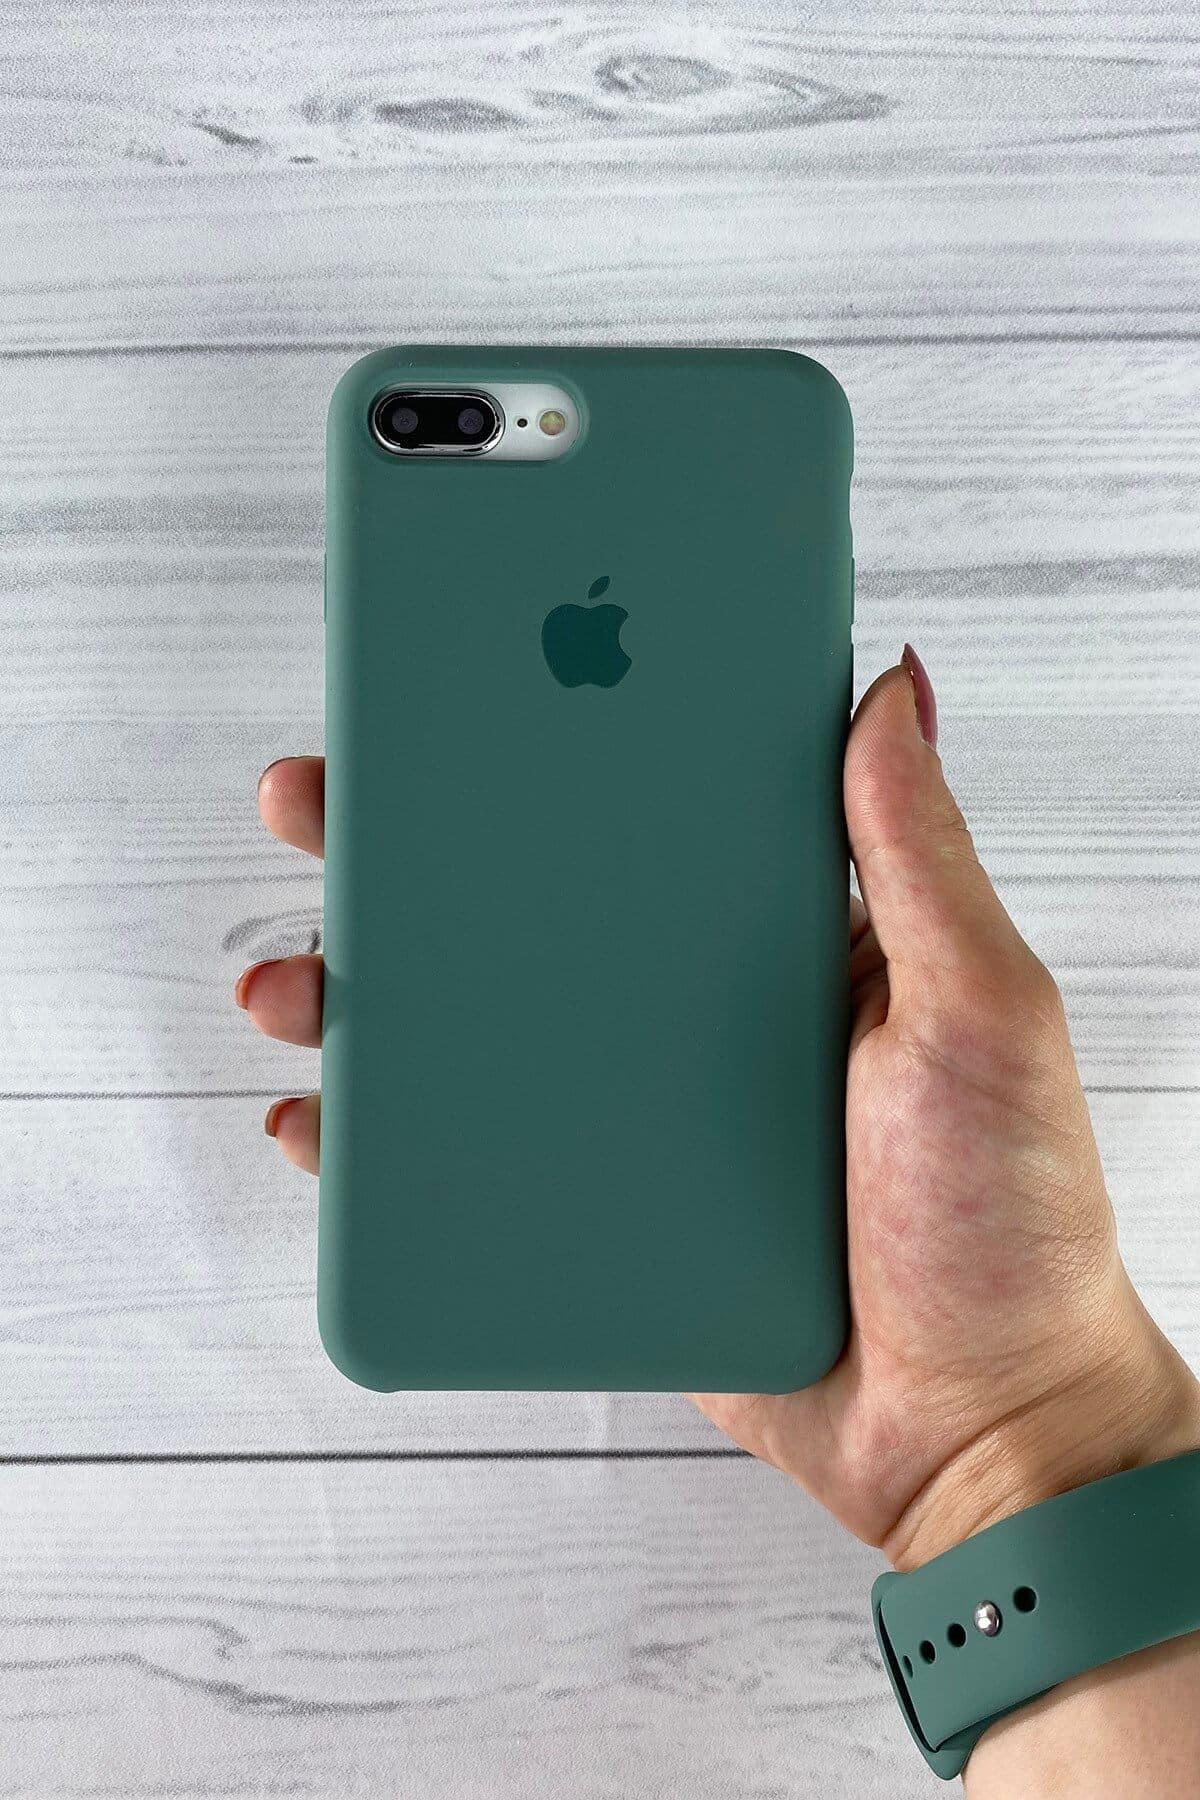 Iphone Çam Yeşili Lansman Kılıf 7 Plus/8 Plus